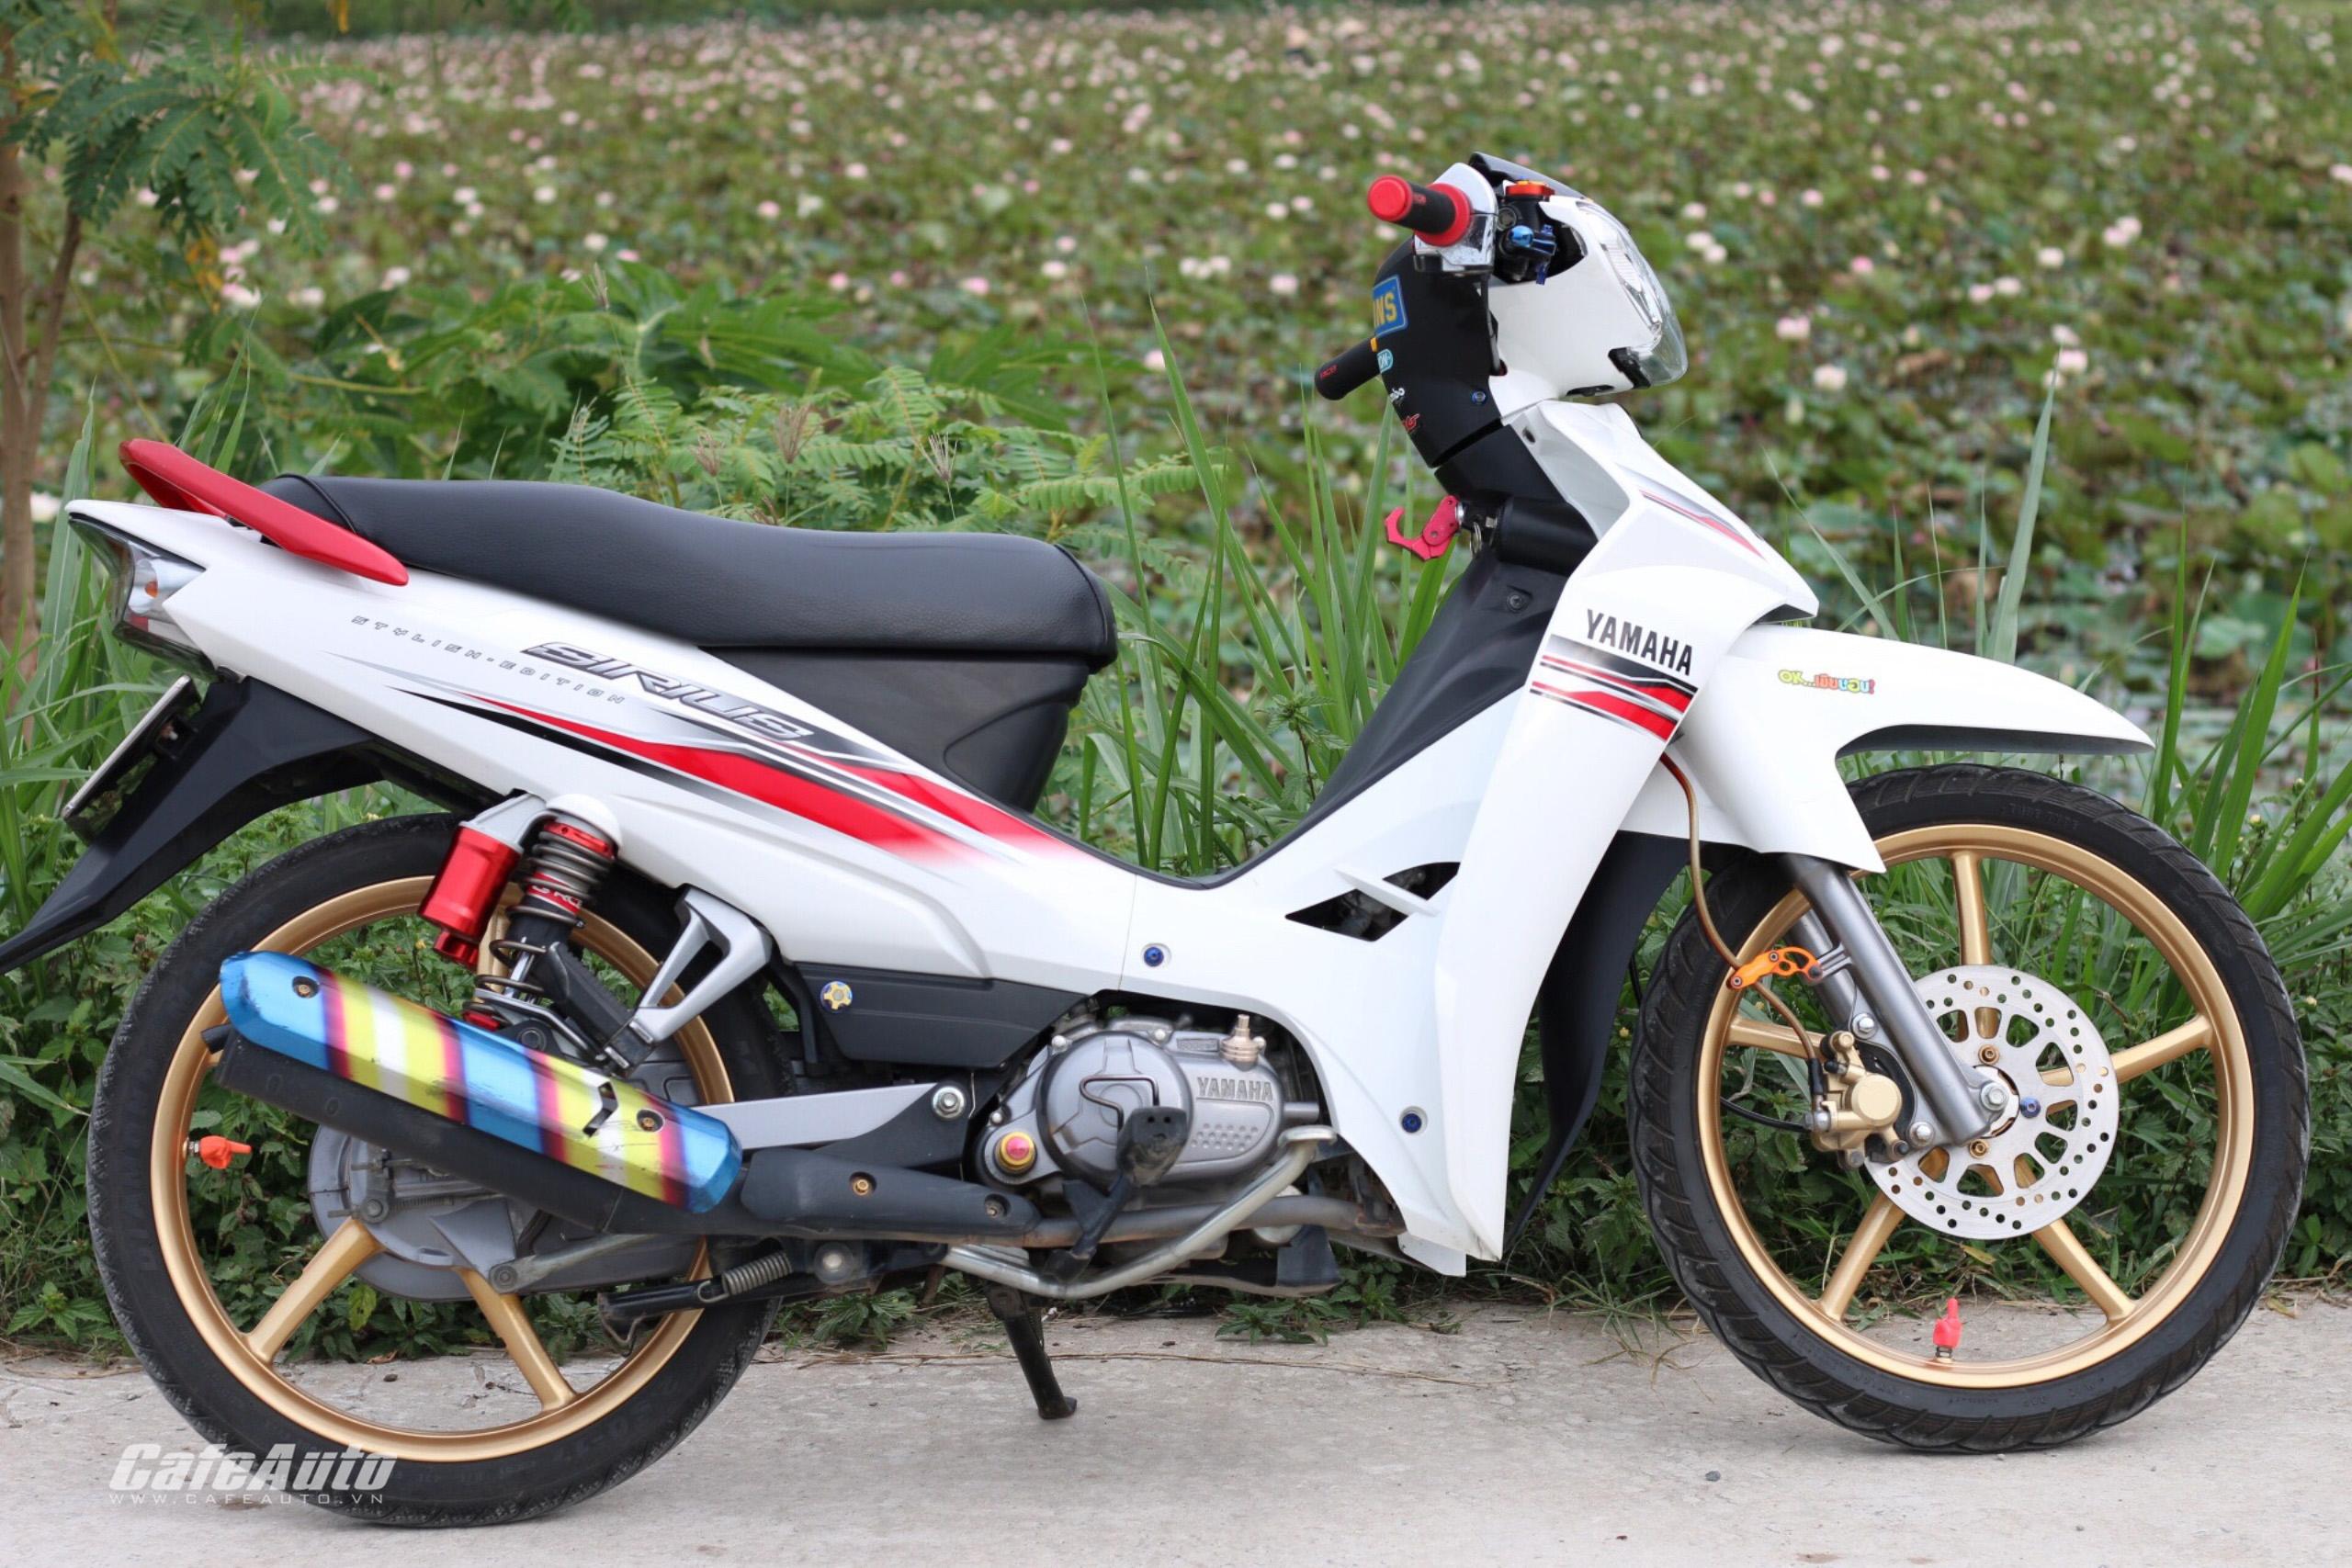 yamaha-sirius-do-nhe-nhang-trang-ngoc-trinh-cua-biker-mien-tay